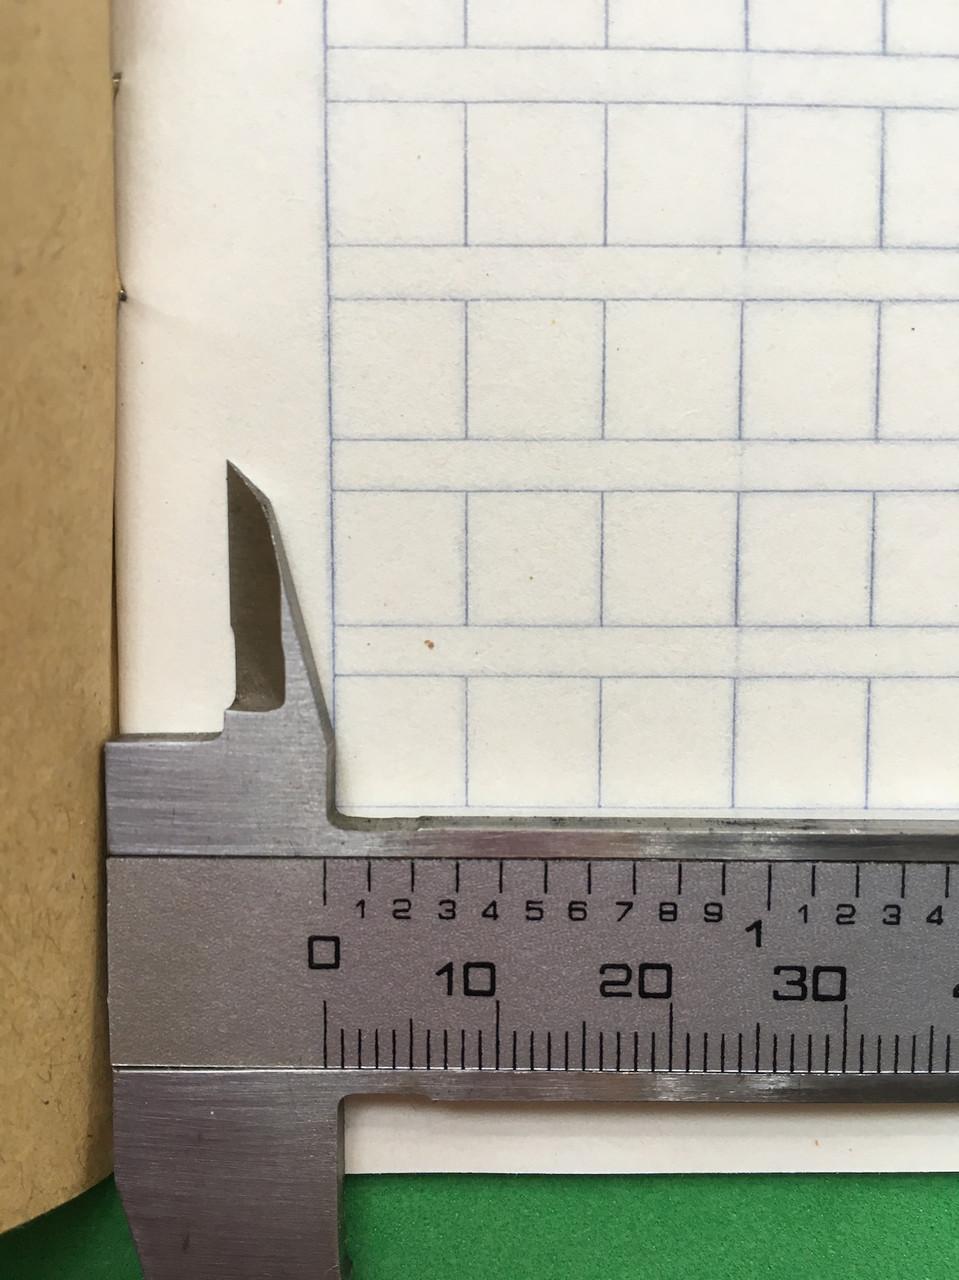 Тетрадь для написания иероглифов. Клетка 7 мм с полем для пиньинь и полем для заметок. 9520 клеток